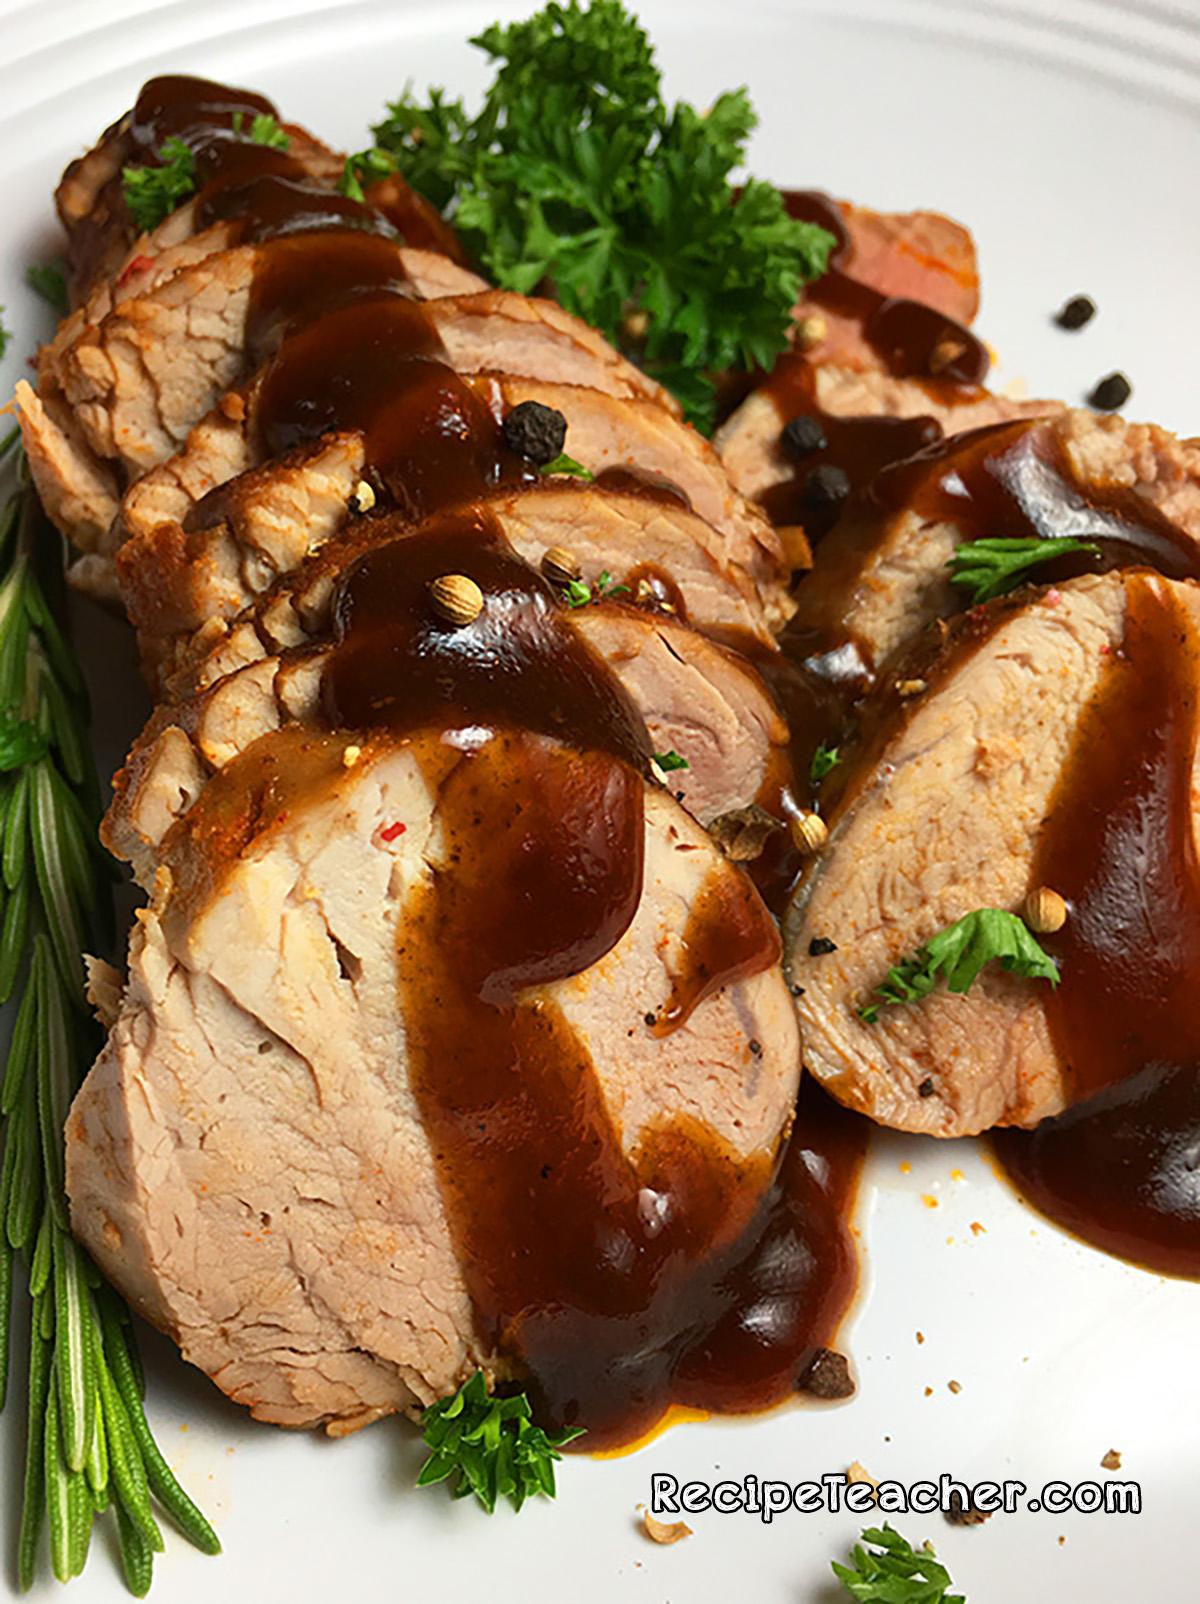 Recipe for Instant Pot pork tenderloin.